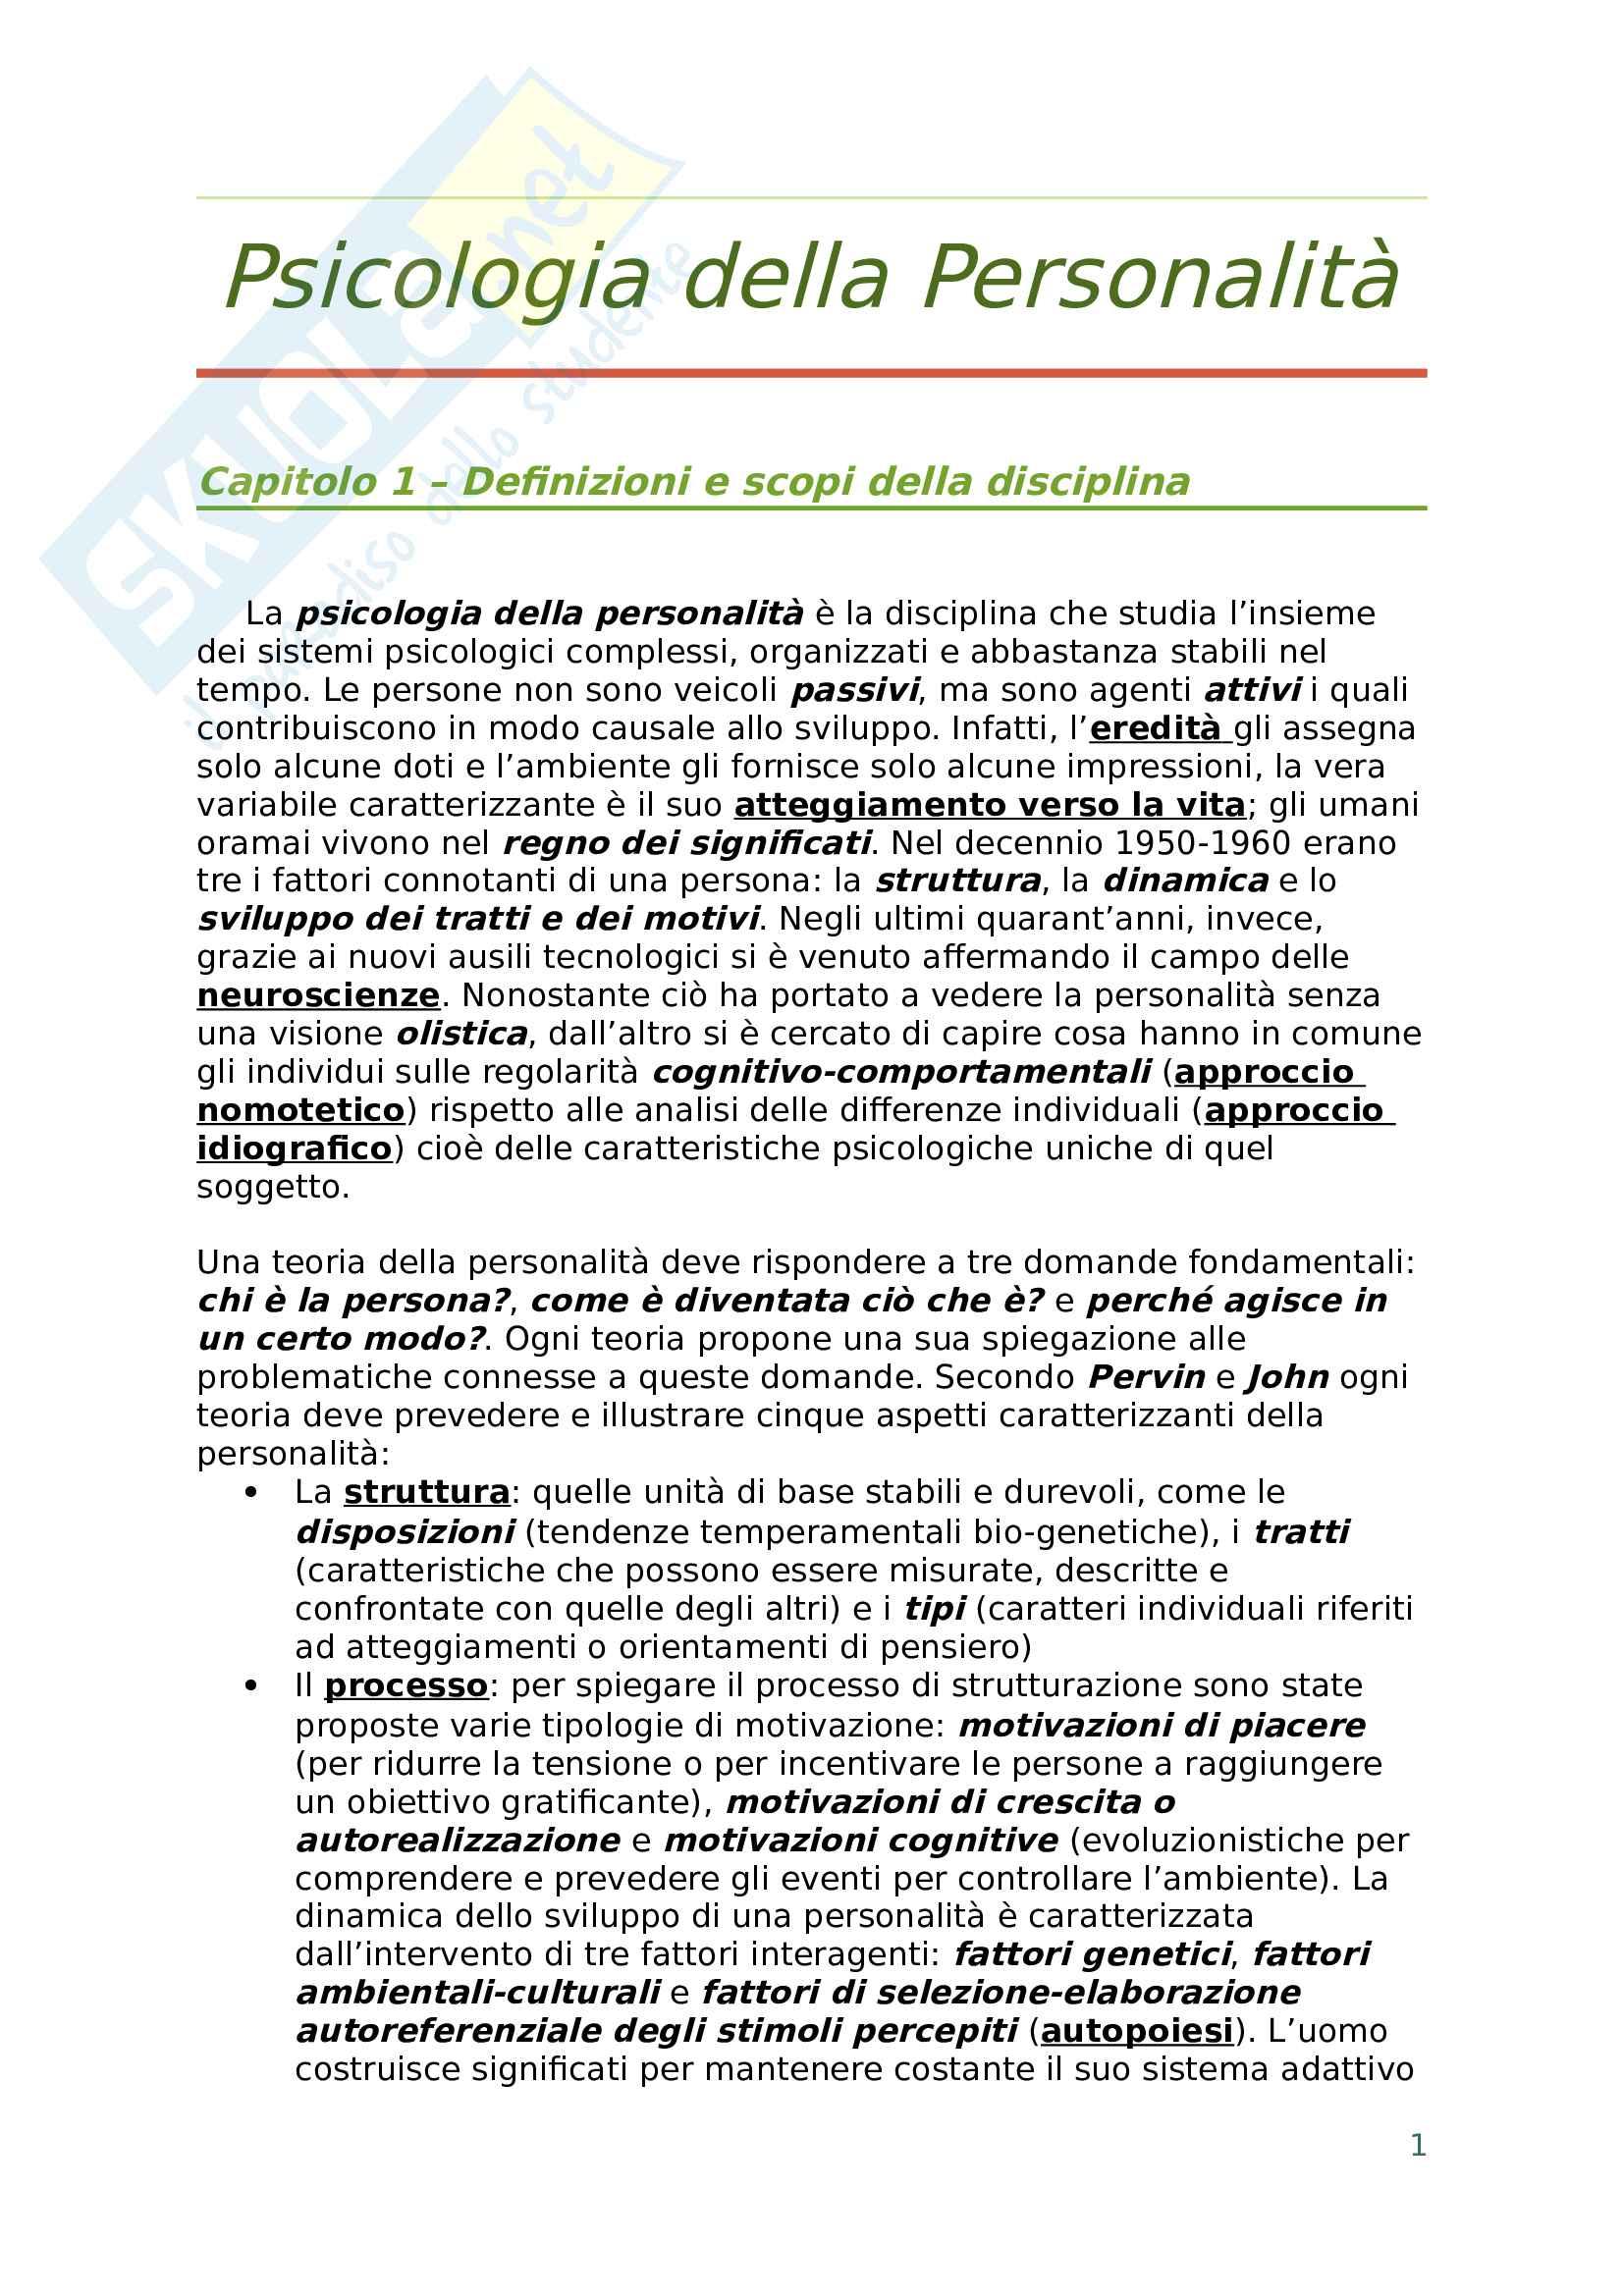 Riassunto esame psicologia della personalità, prof. Varriale, libro consigliato Psicologia della Personalità: teorie e applicazioni in una prospettiva di integrazione dinamico-costruttivistica adleriana, socio-cognitiva ed evoluzionistica, Varriale